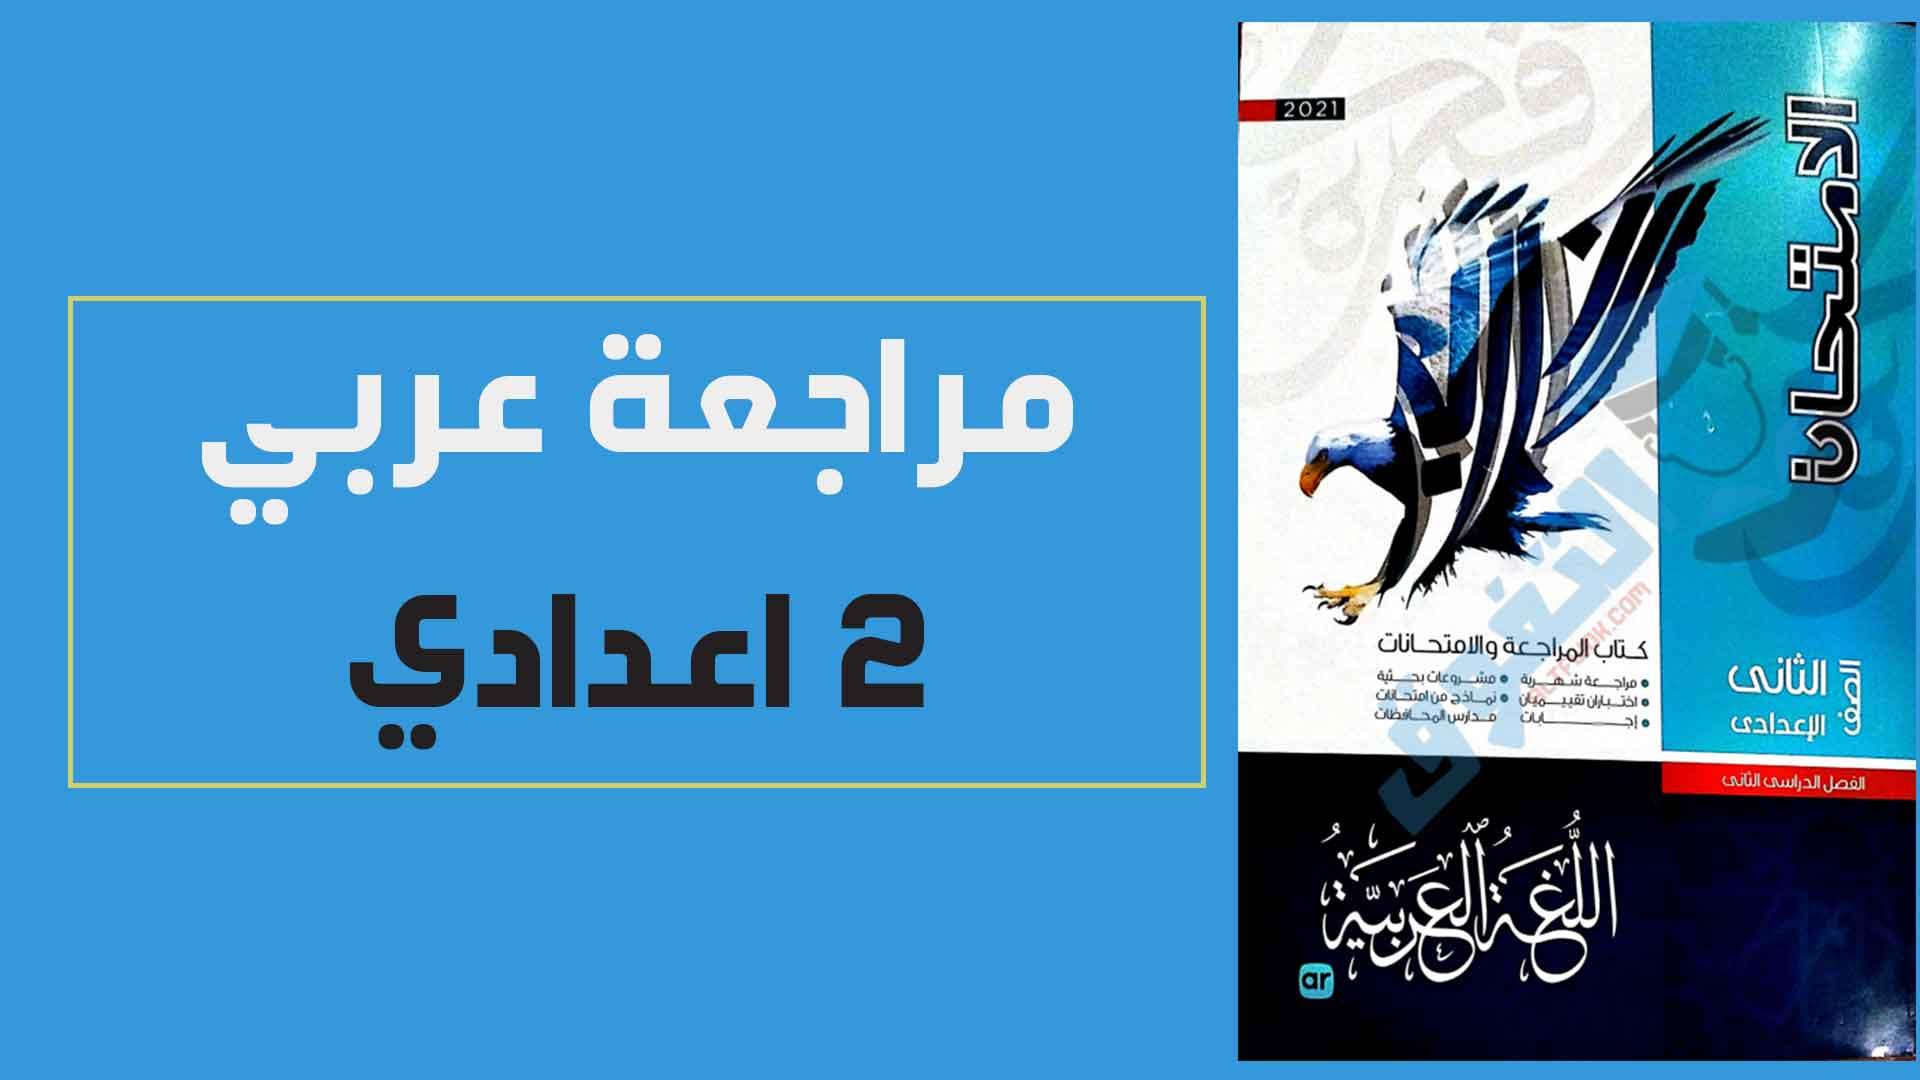 تحميل كتاب الامتحان فى اللغة العربية للصف الثانى الاعدادى الترم الثانى 2021 pdf ( كتاب المراجعة المستمرة والامتحانات)